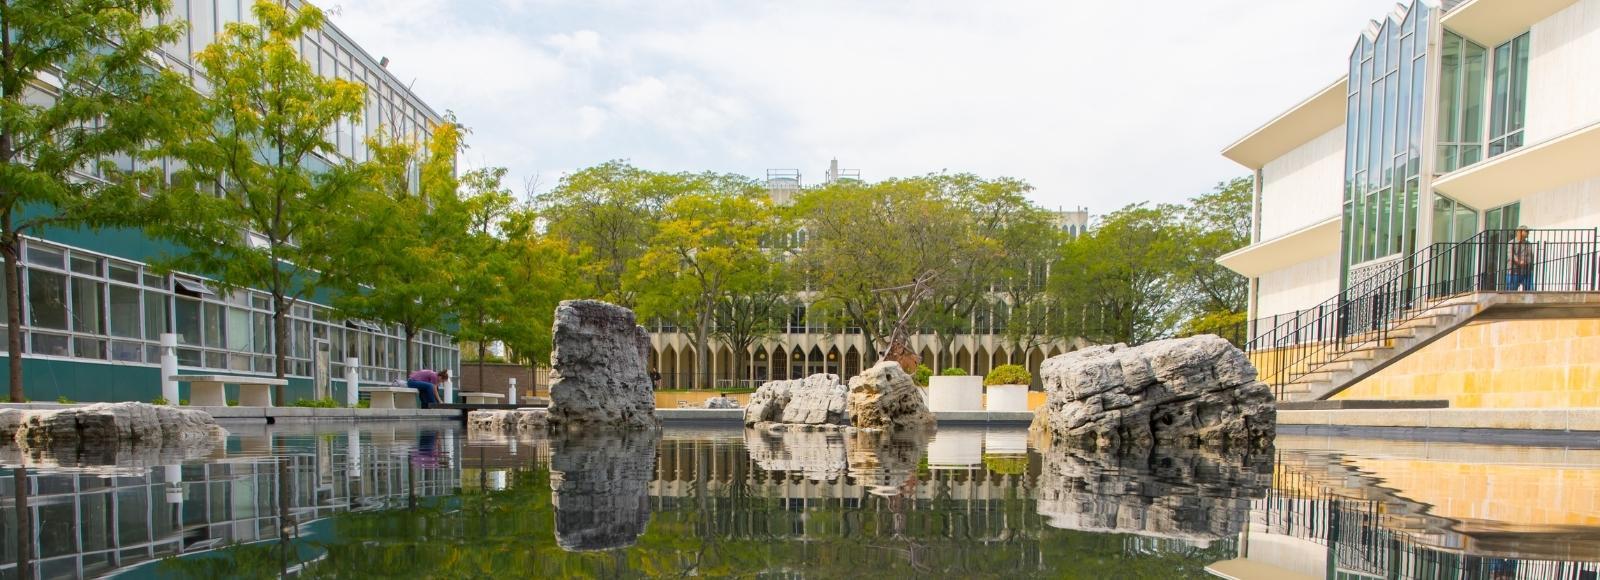 Image of WSU's McGregor Reflecting Pools